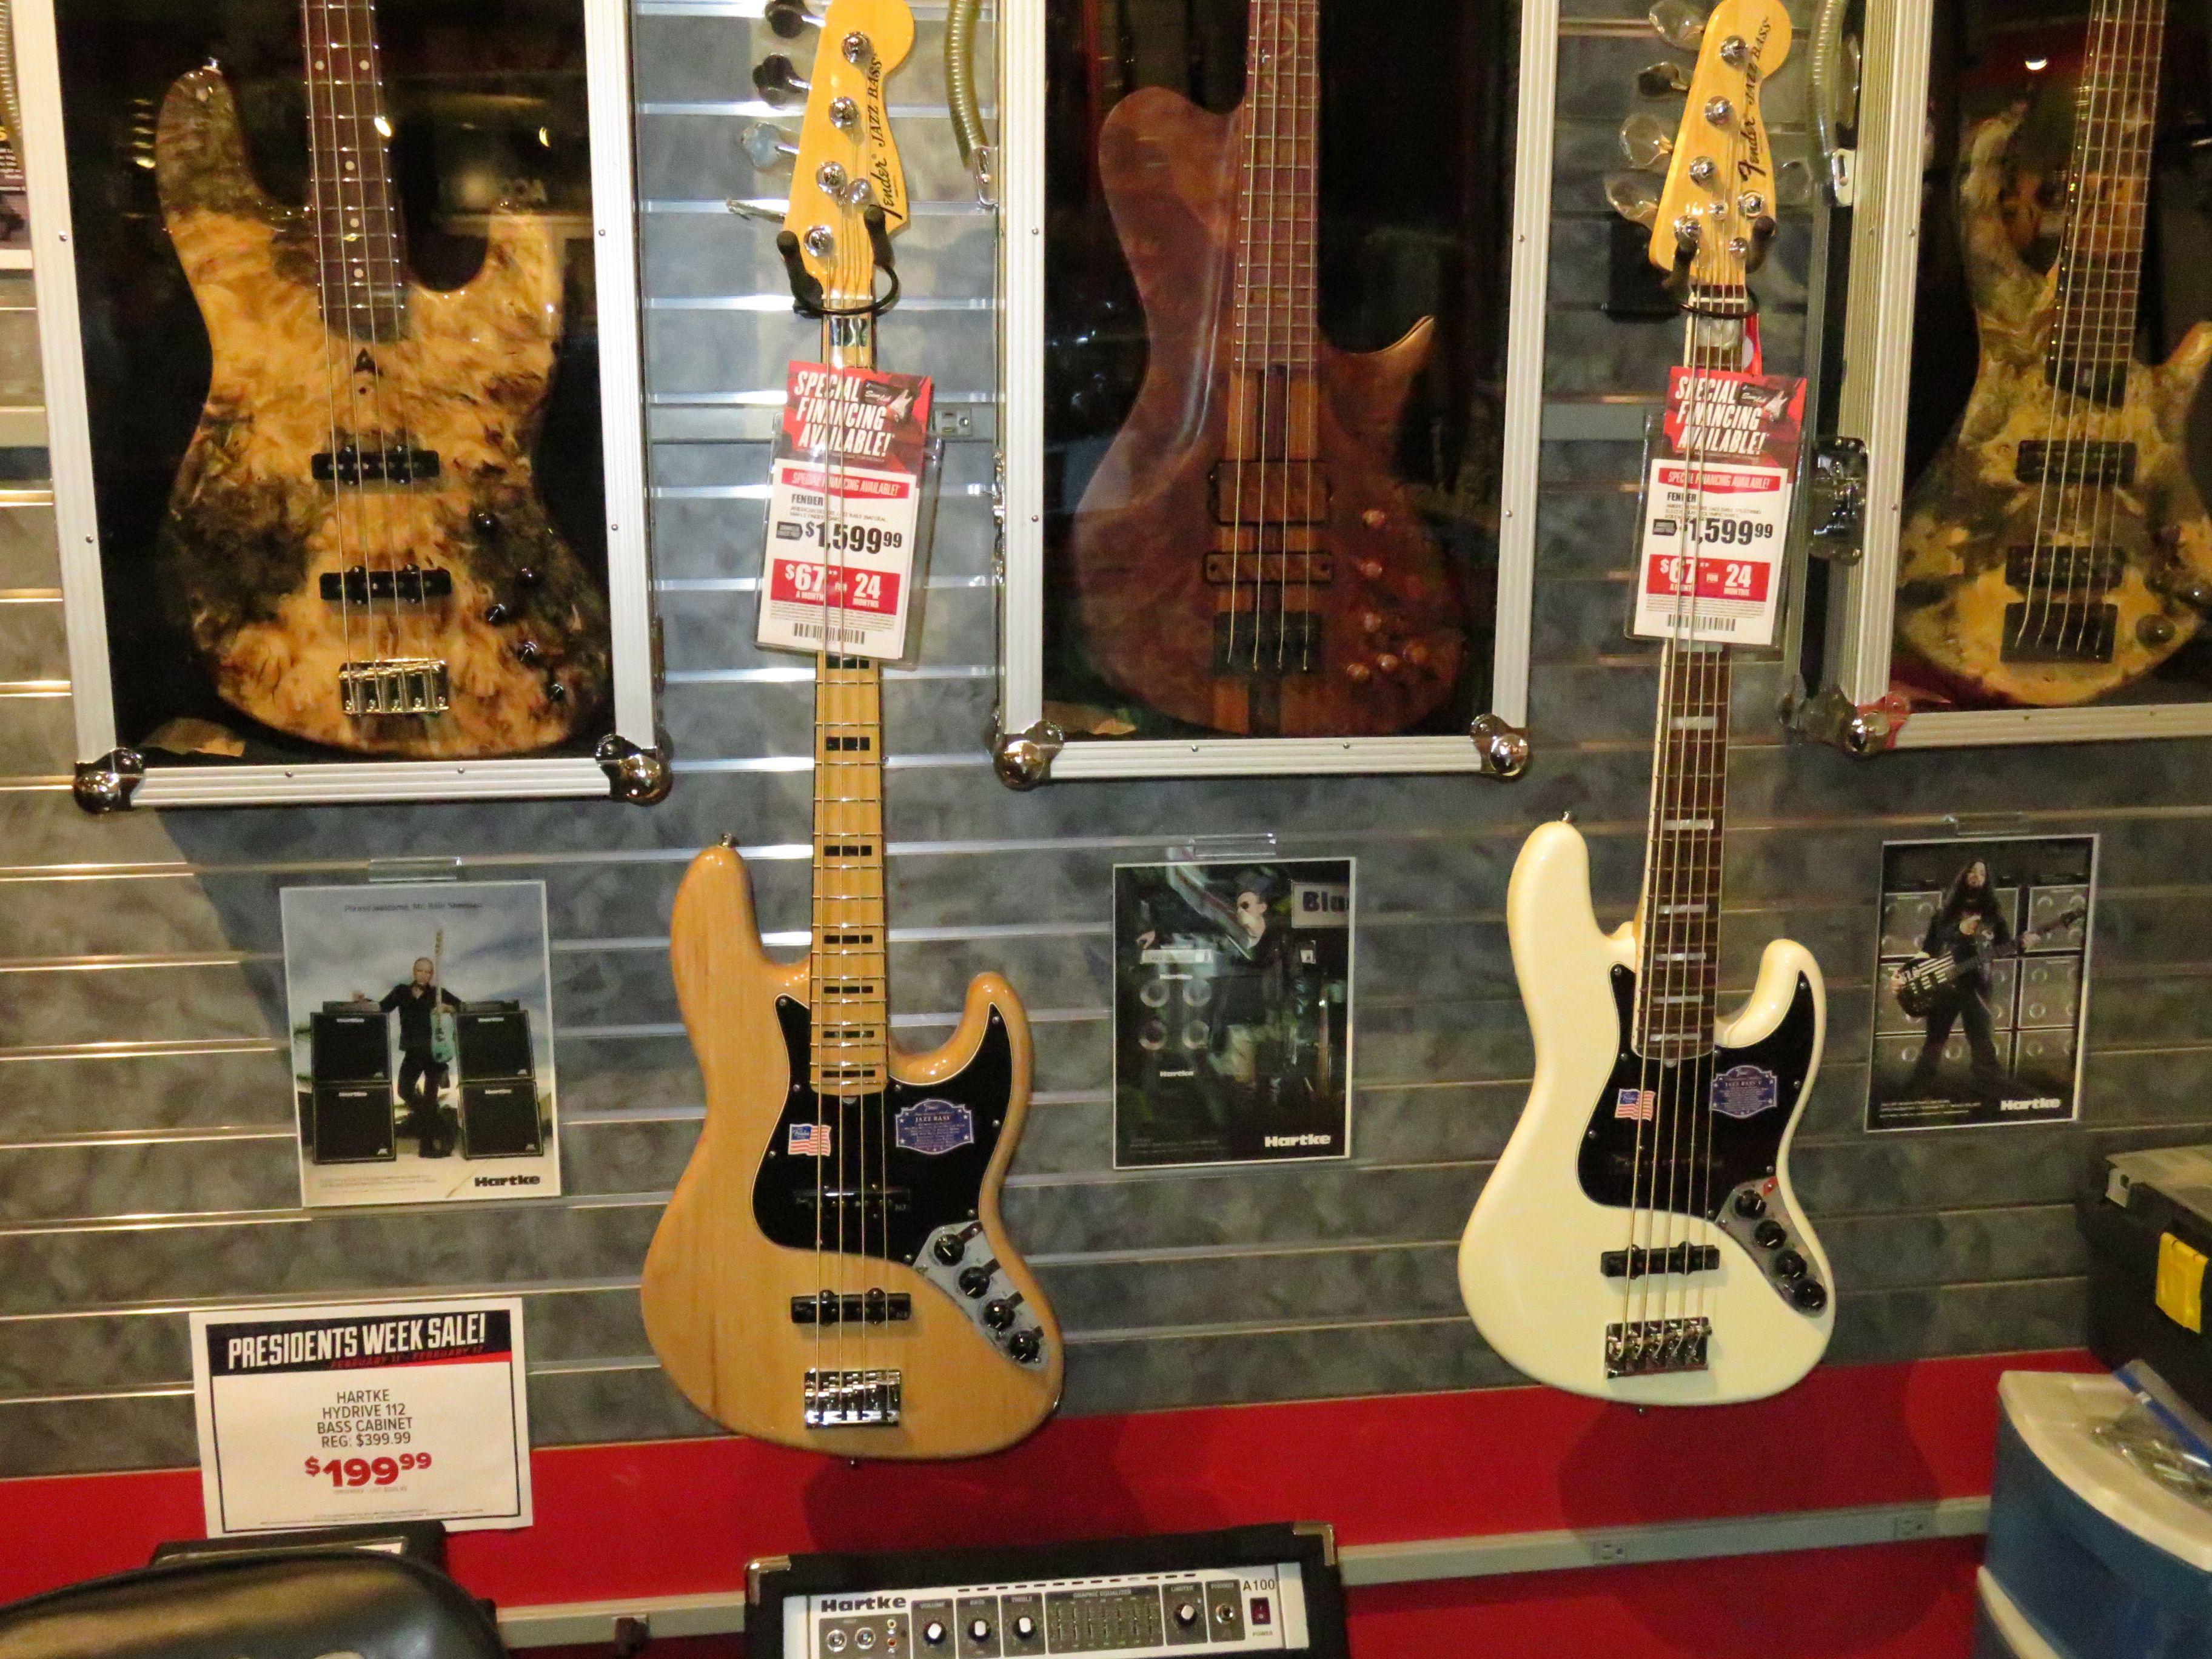 Sam Ash 34th Street New York City Sam Ash Bass Guitar 34 Street